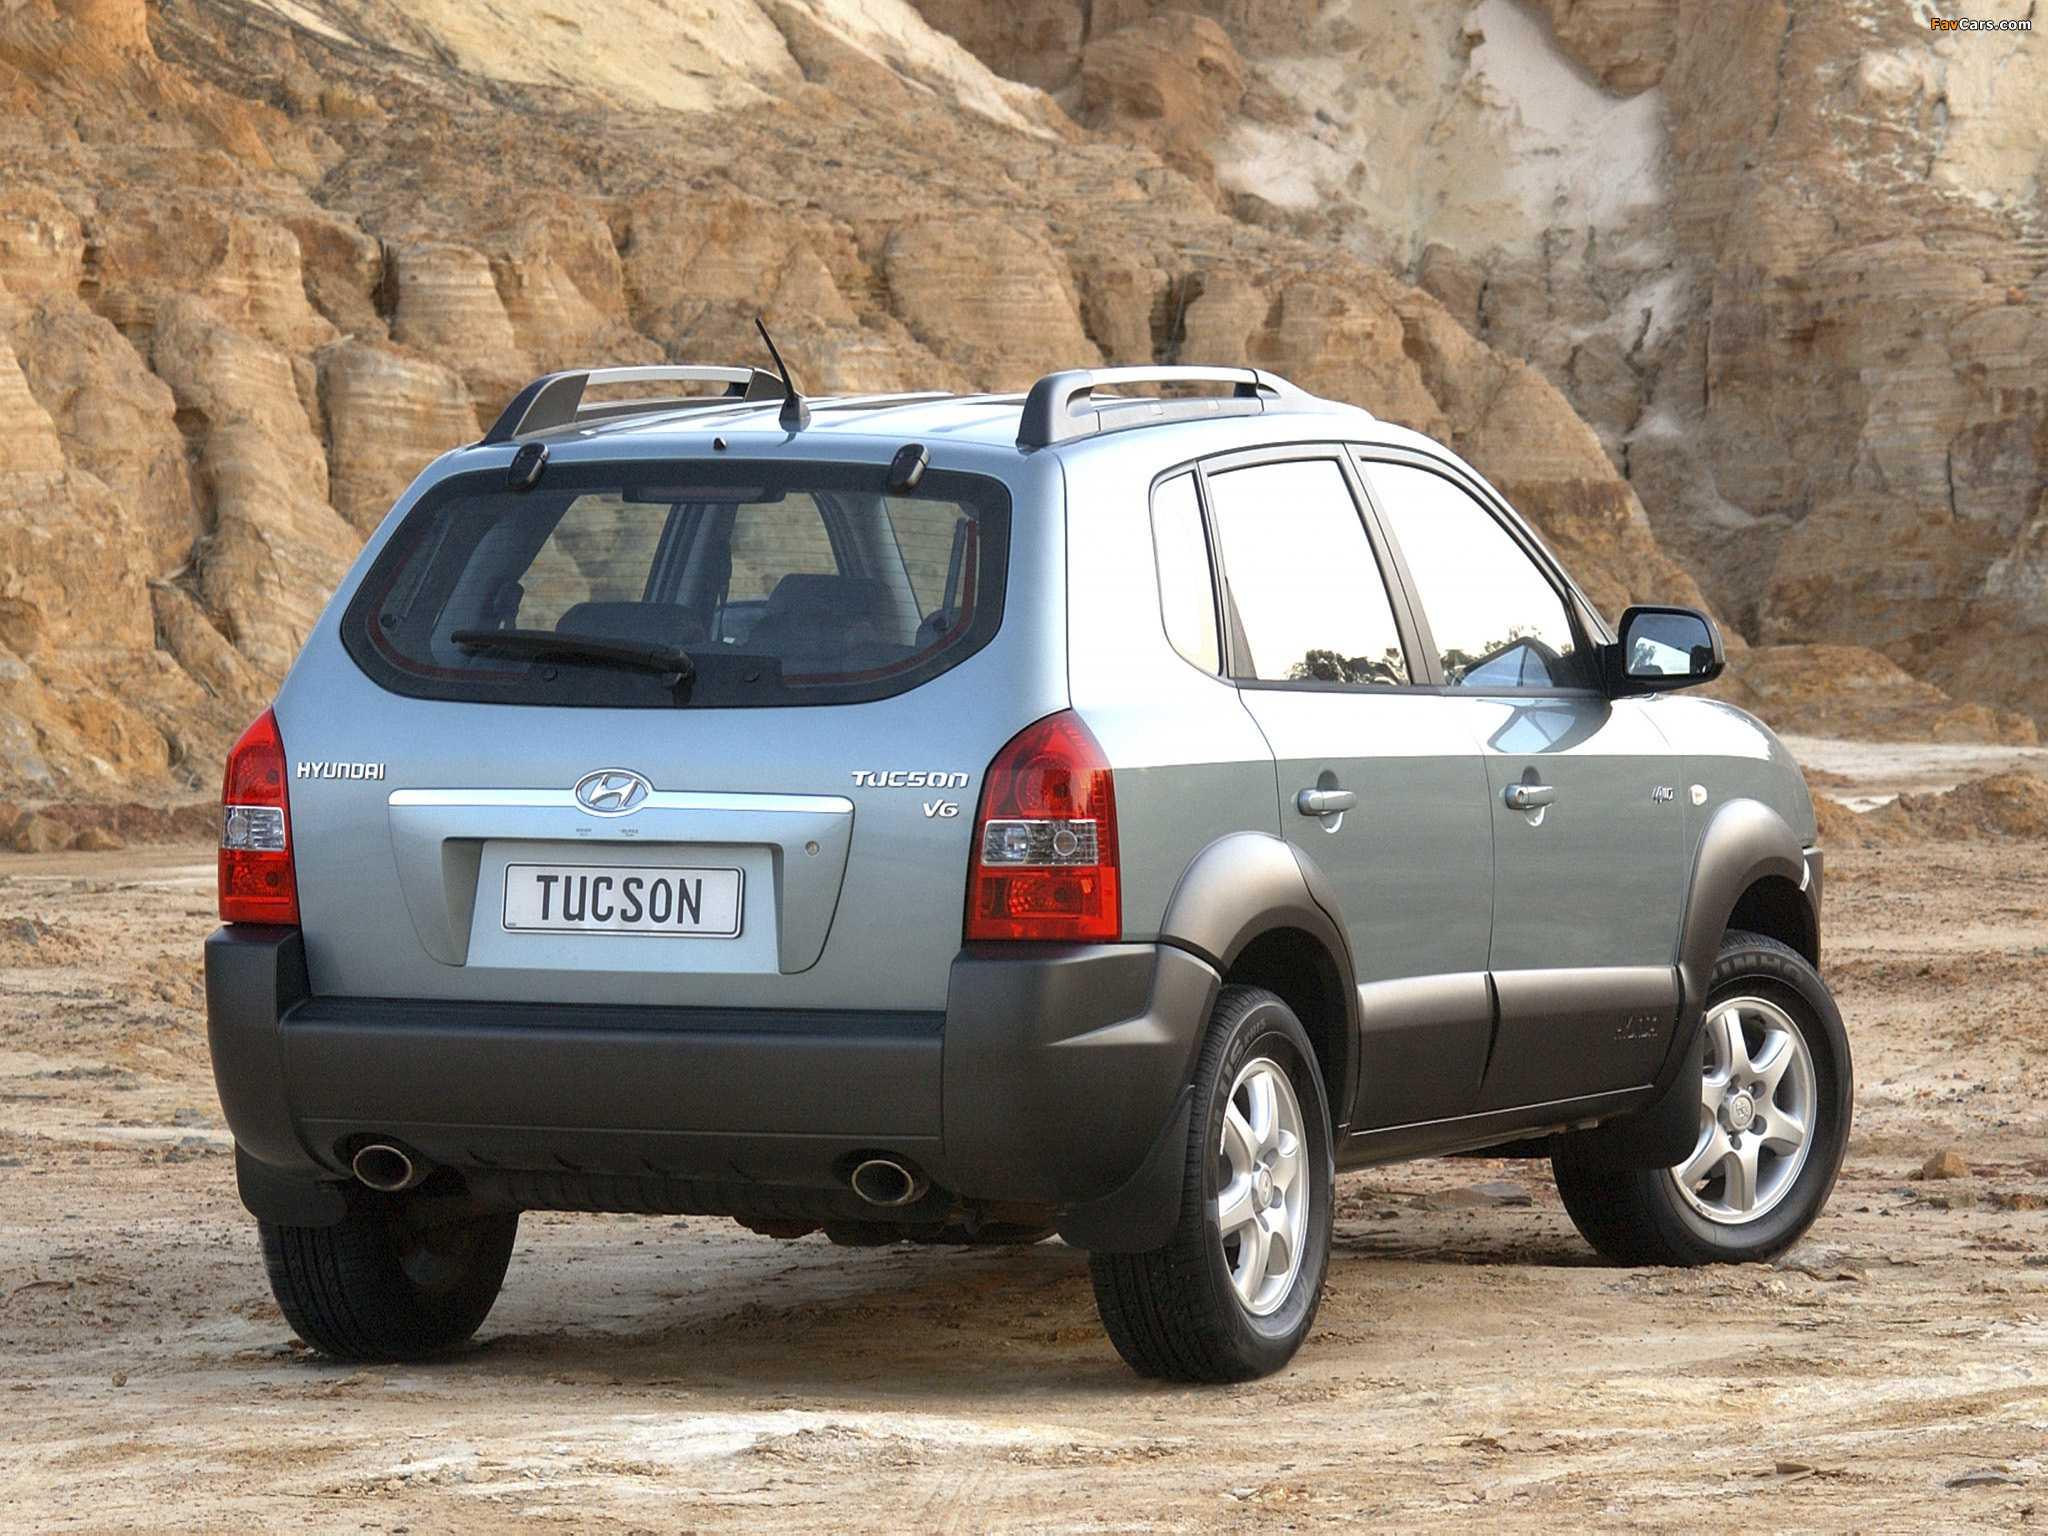 Спинка заднего сиденья в Hyundai Tucson не ложится горизонтально, а остается под углом